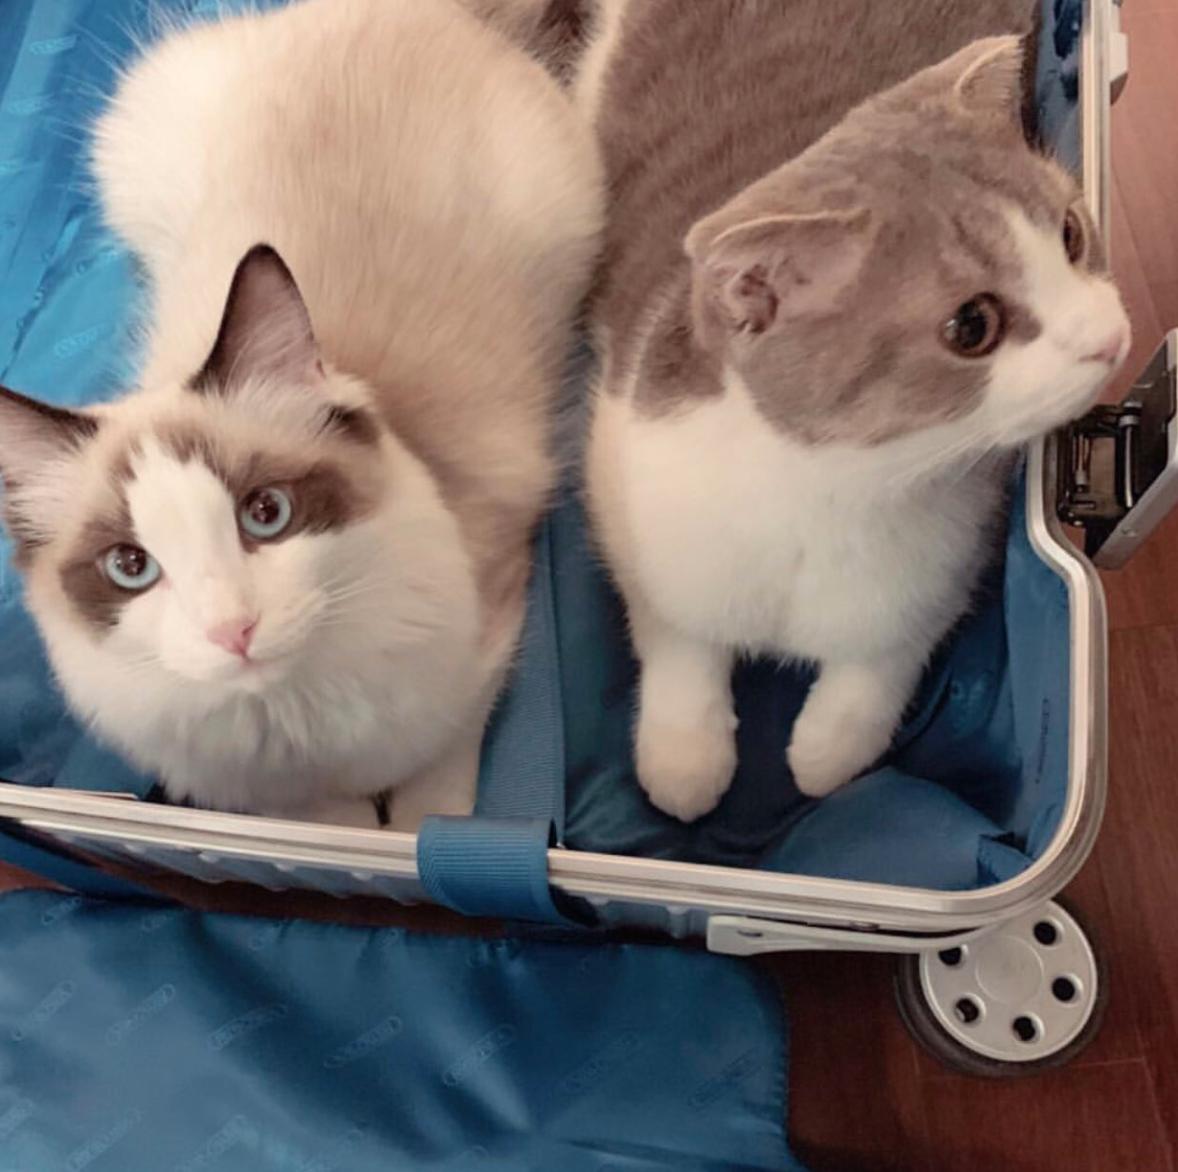 Taylor Swift và Lisa (Black Pink) đúng là 2 chị em: Ngoại hình giống nhau đã đành, đến 2 chú mèo cưng nhìn cũng như sinh đôi - Ảnh 6.